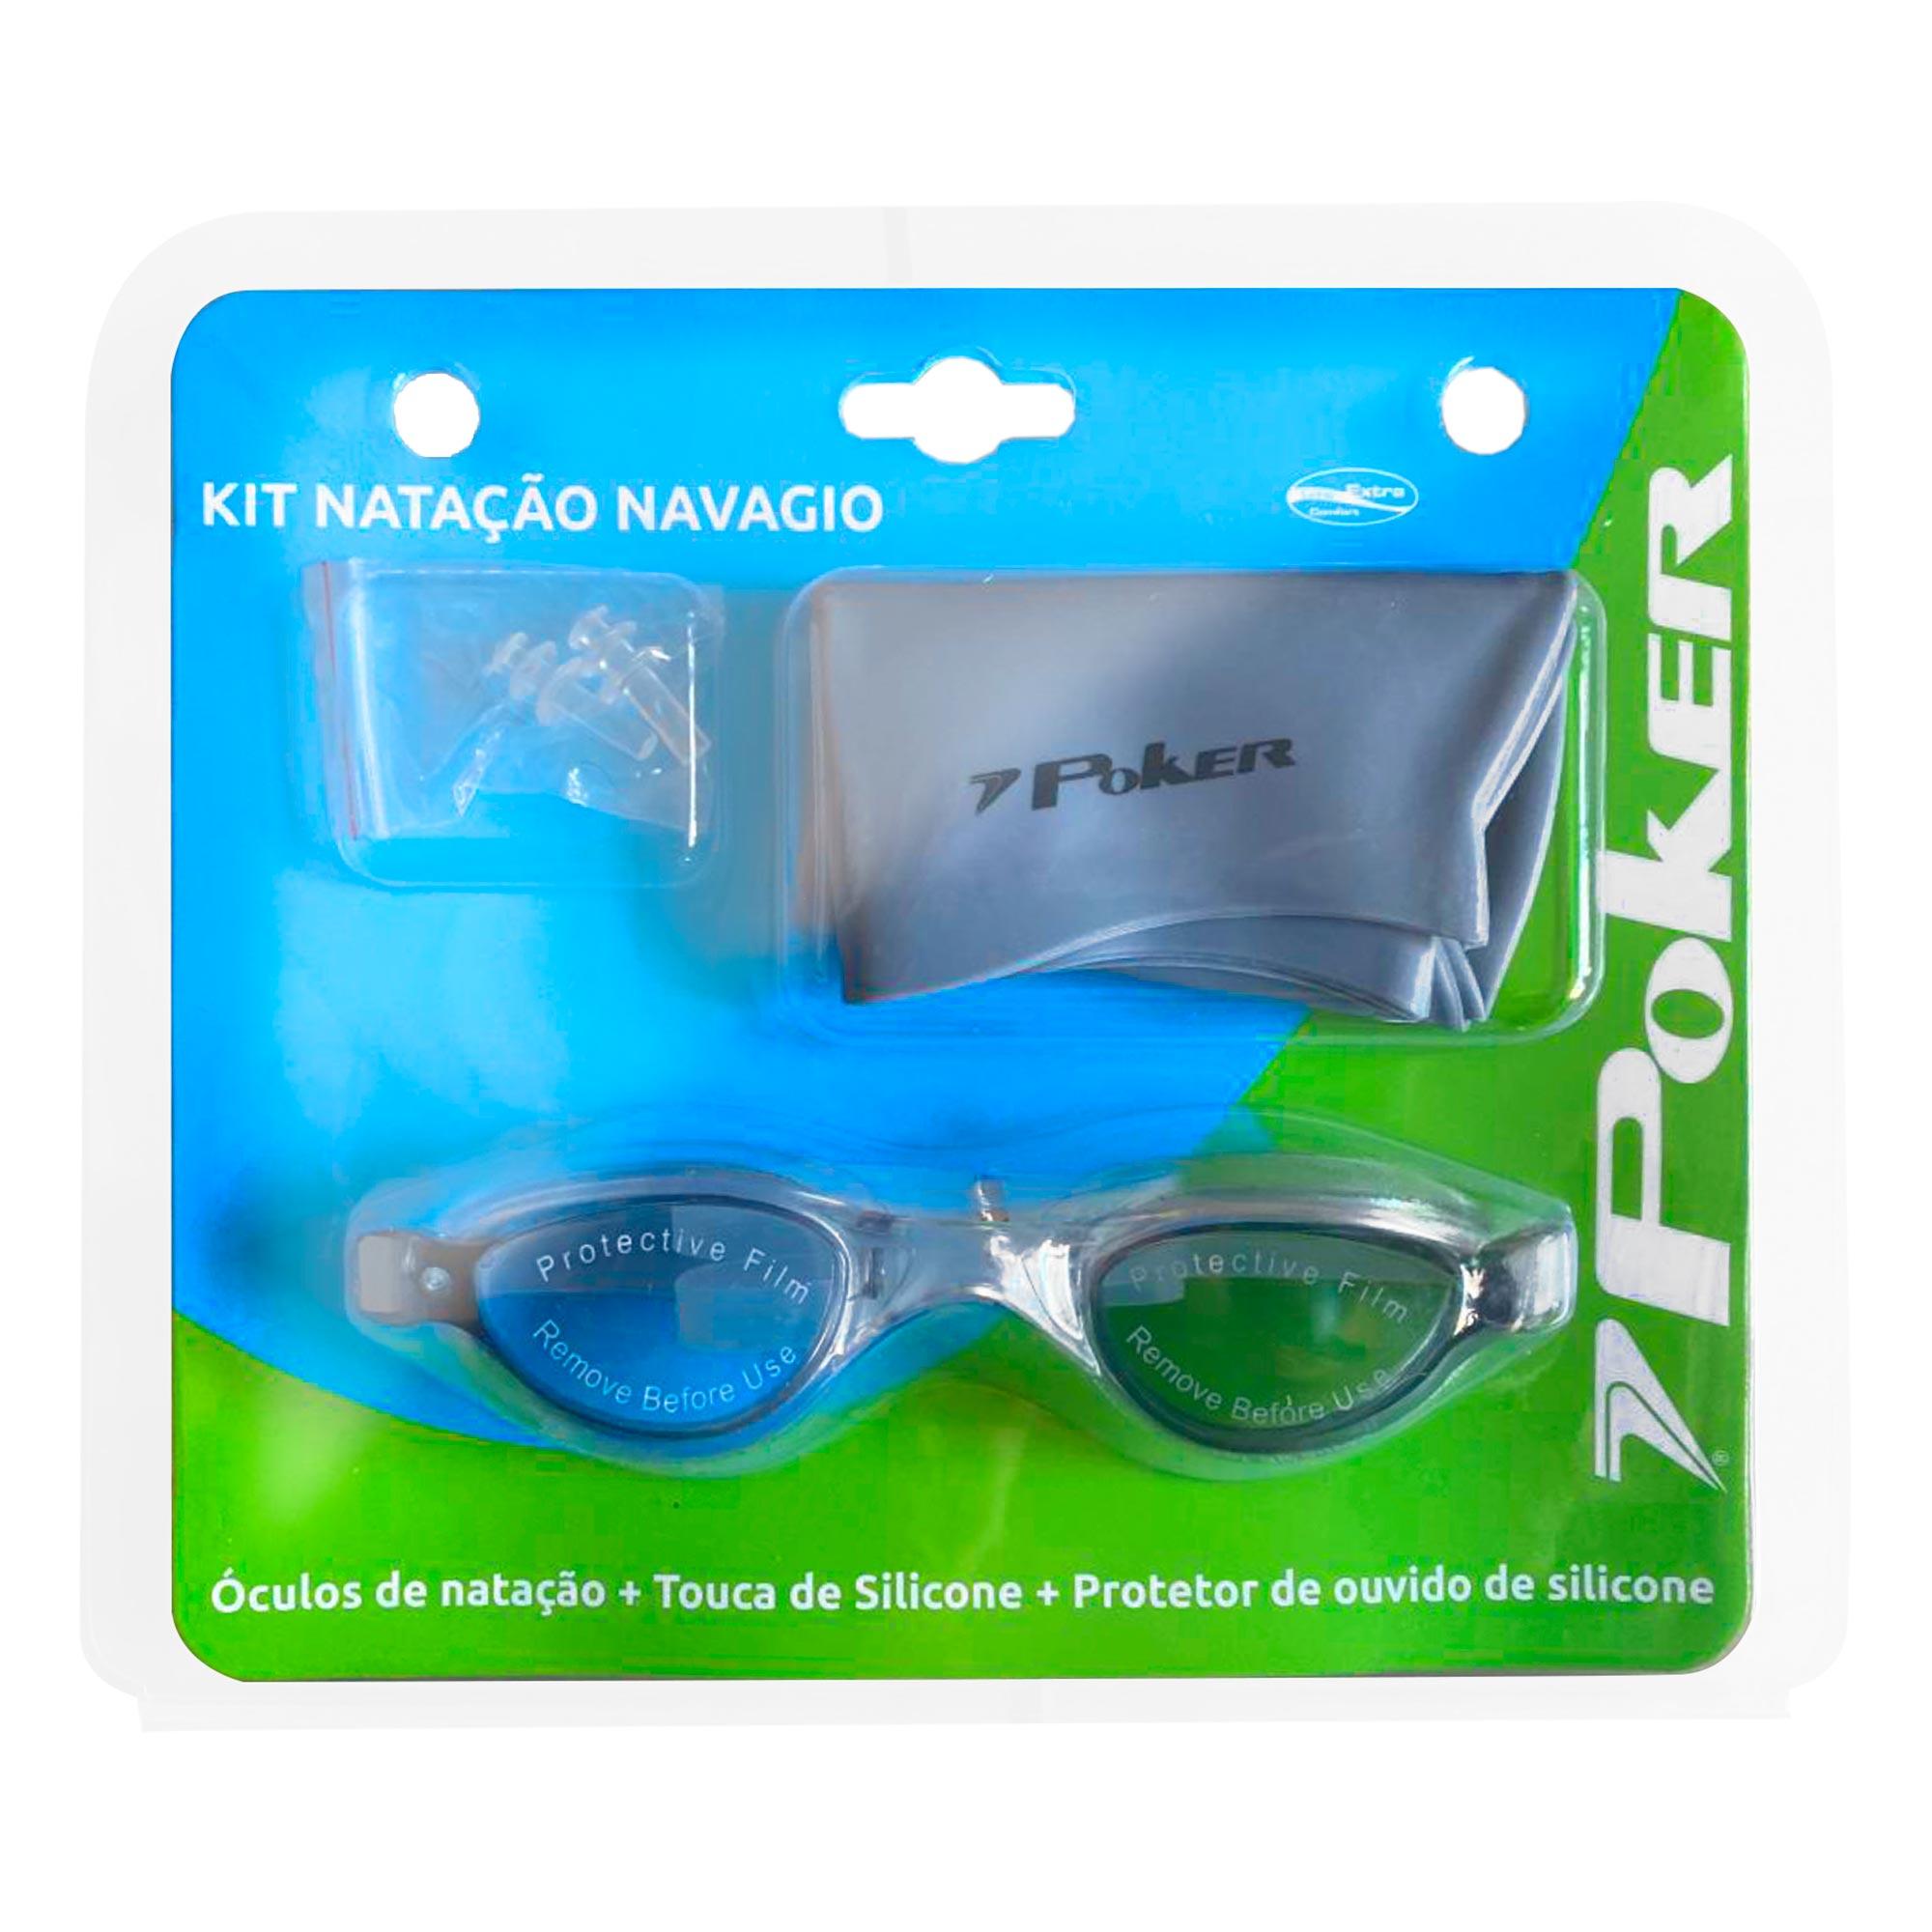 Kit Óculos + Touca + Protetor de Ouvido de Natação Navagio 13157